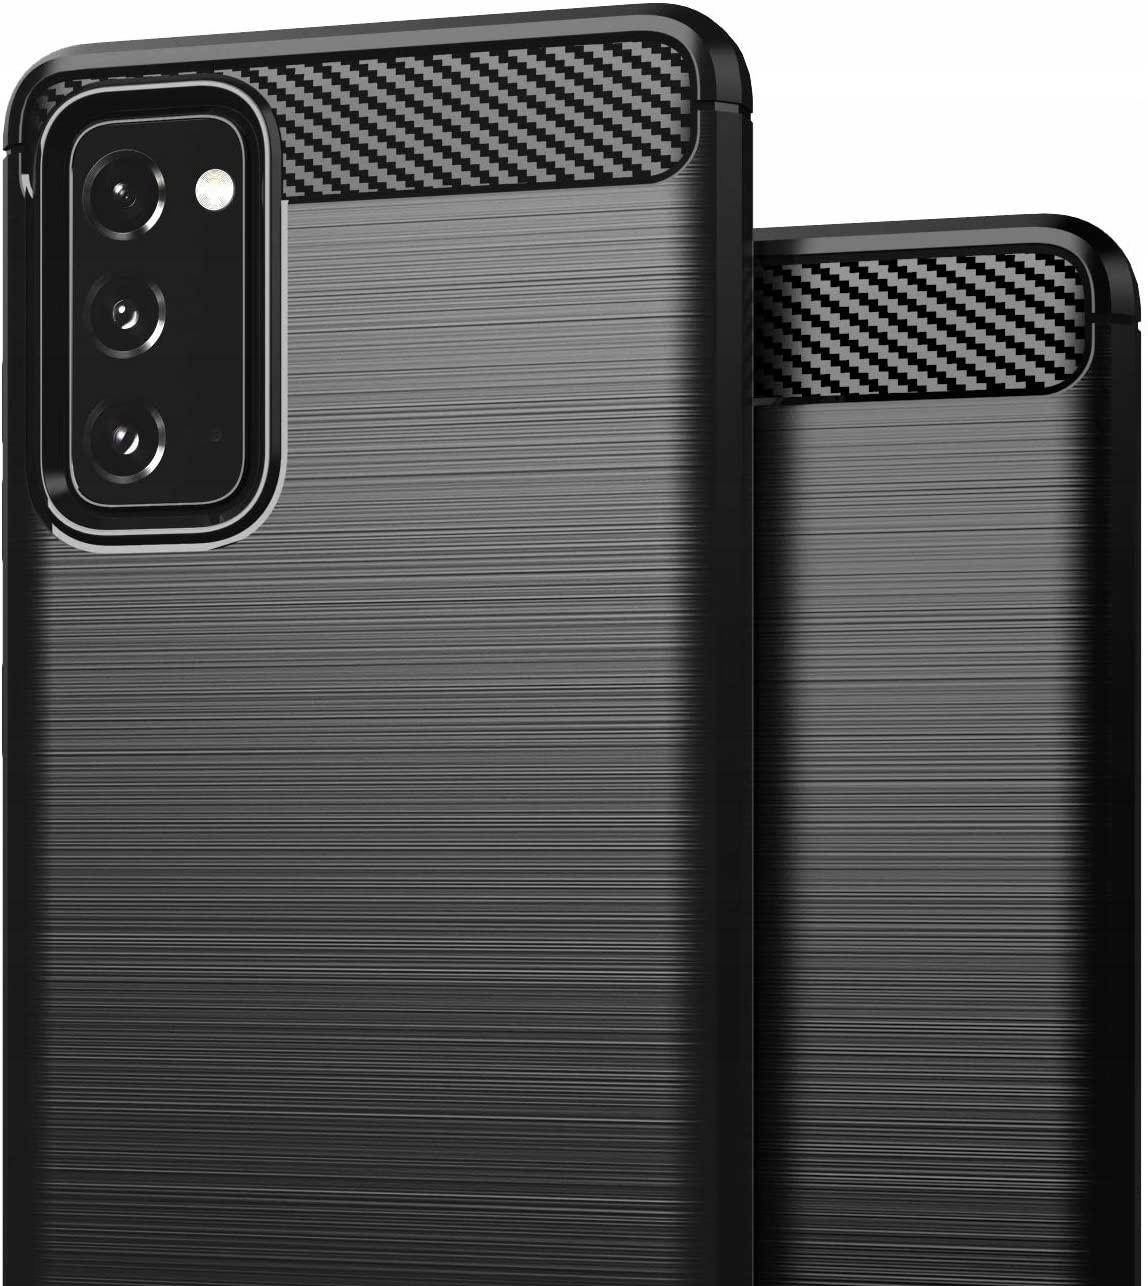 ETUI do Samsung Galaxy S20 FE KARBON CASE + SZKŁO Kod producenta G8A